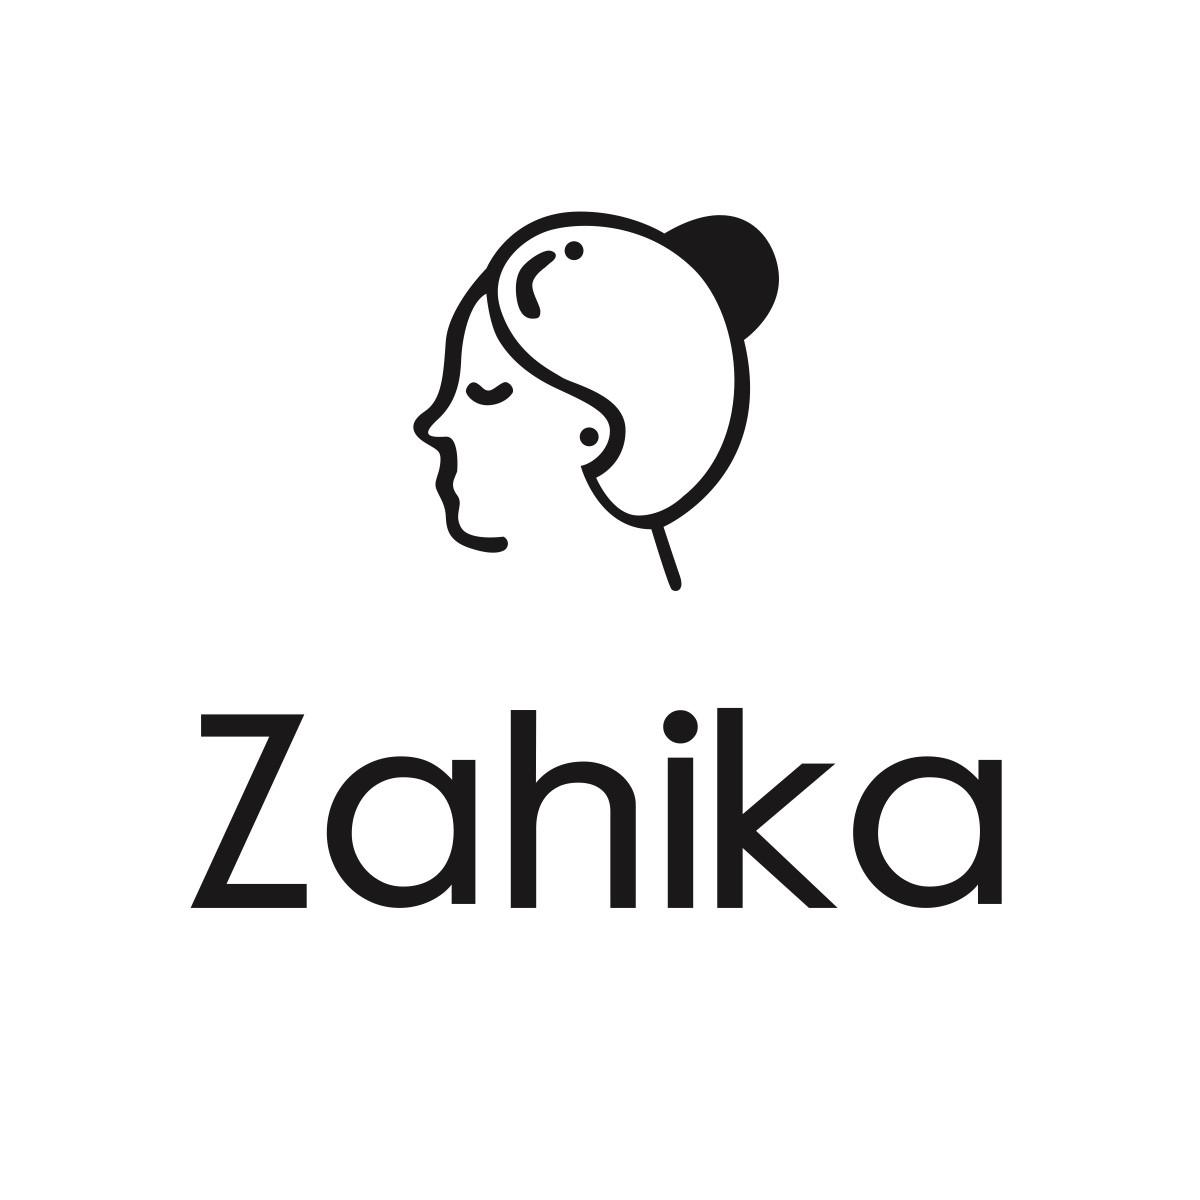 Zahika Cosmetics